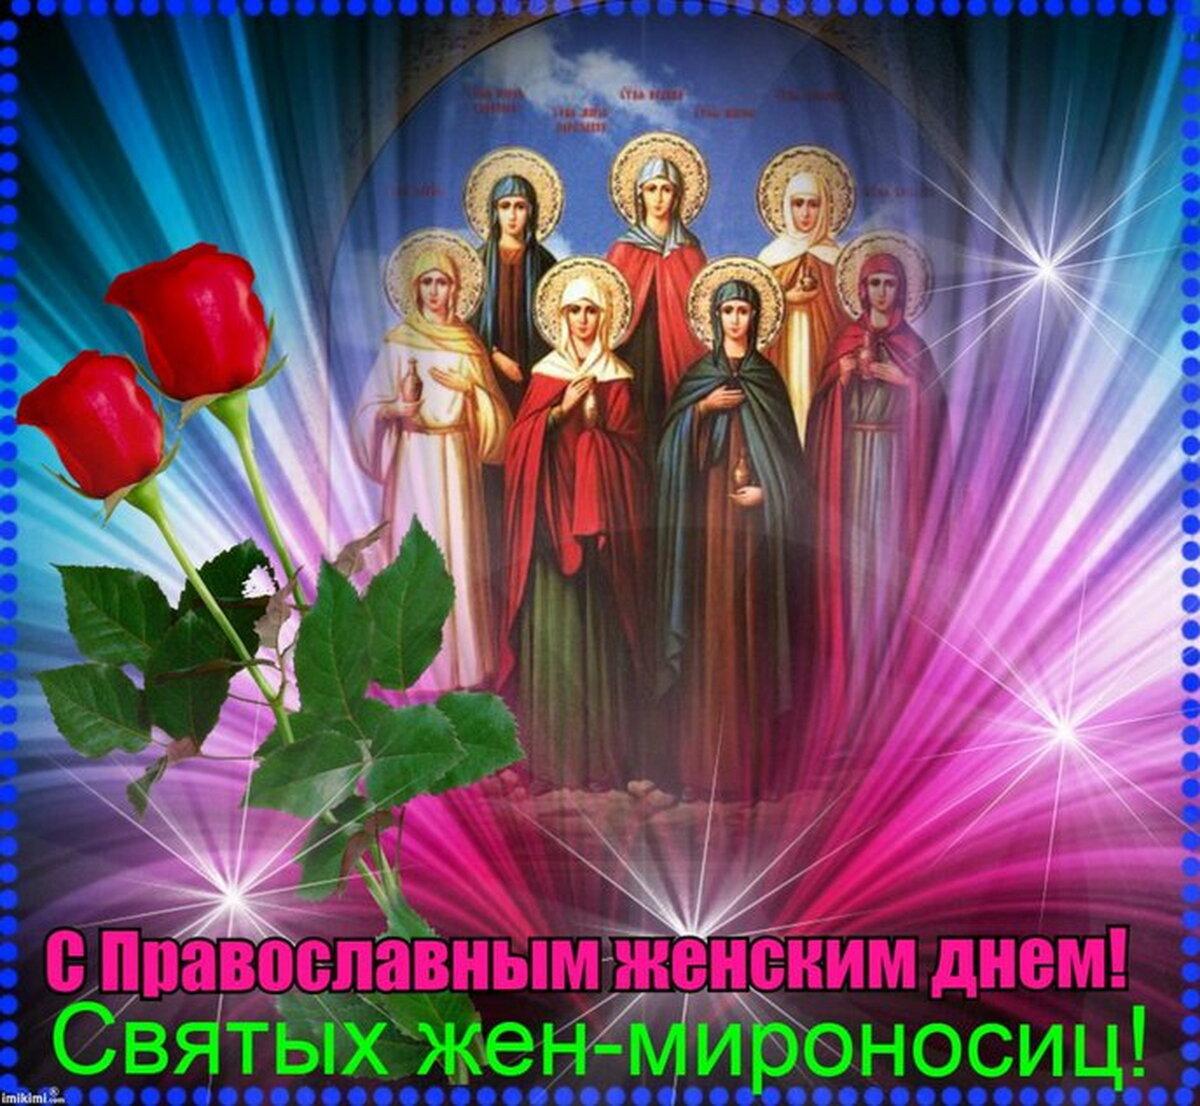 Открытки с православным женским днем